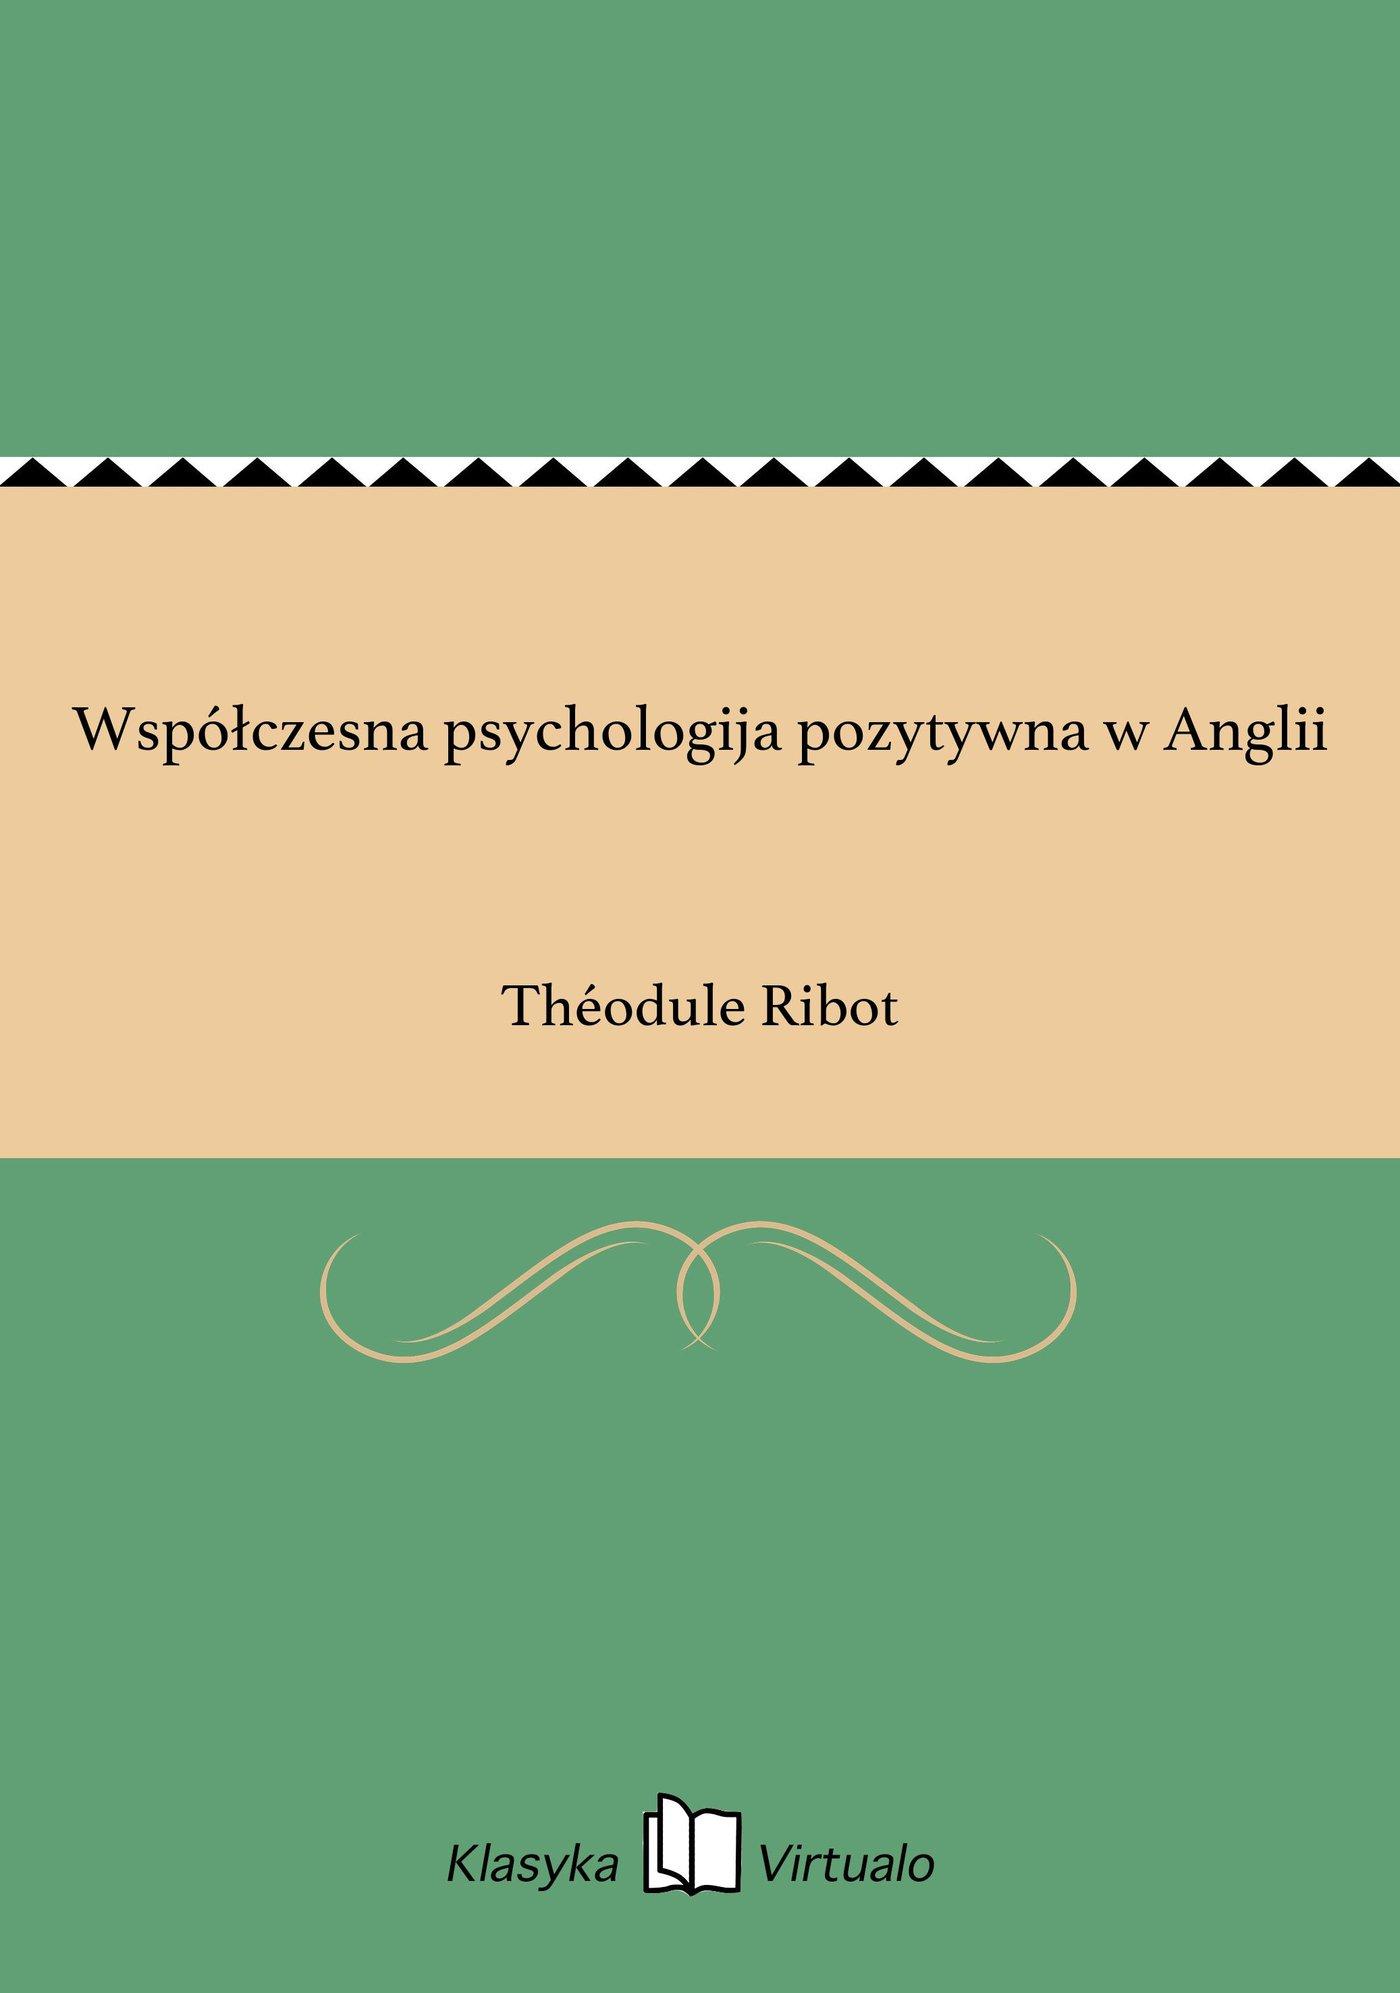 Współczesna psychologija pozytywna w Anglii - Ebook (Książka na Kindle) do pobrania w formacie MOBI